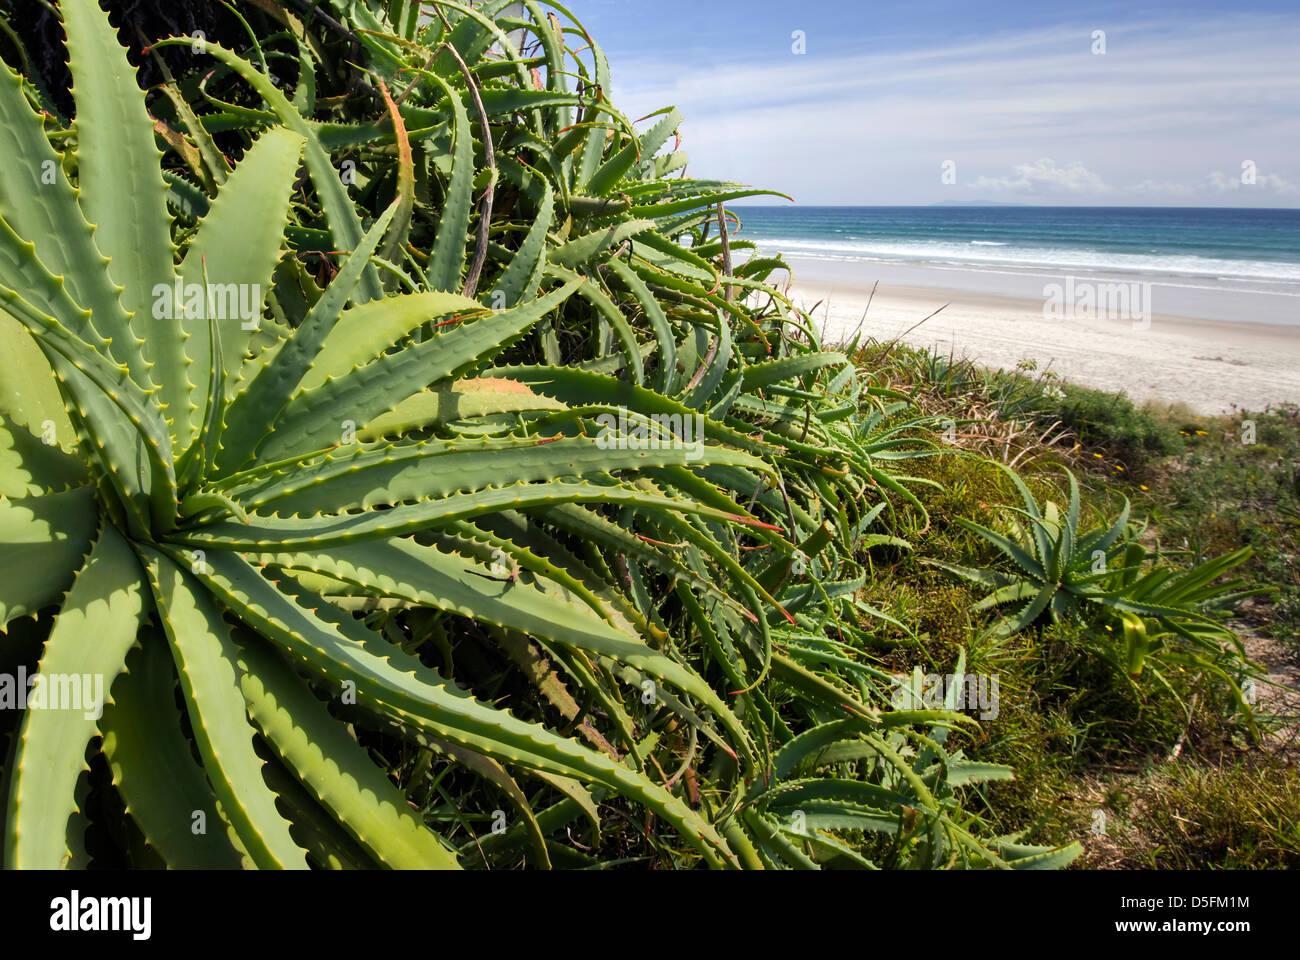 Wild Aloe Vera plant at the beach, North Island, New Zealand Stock Photo